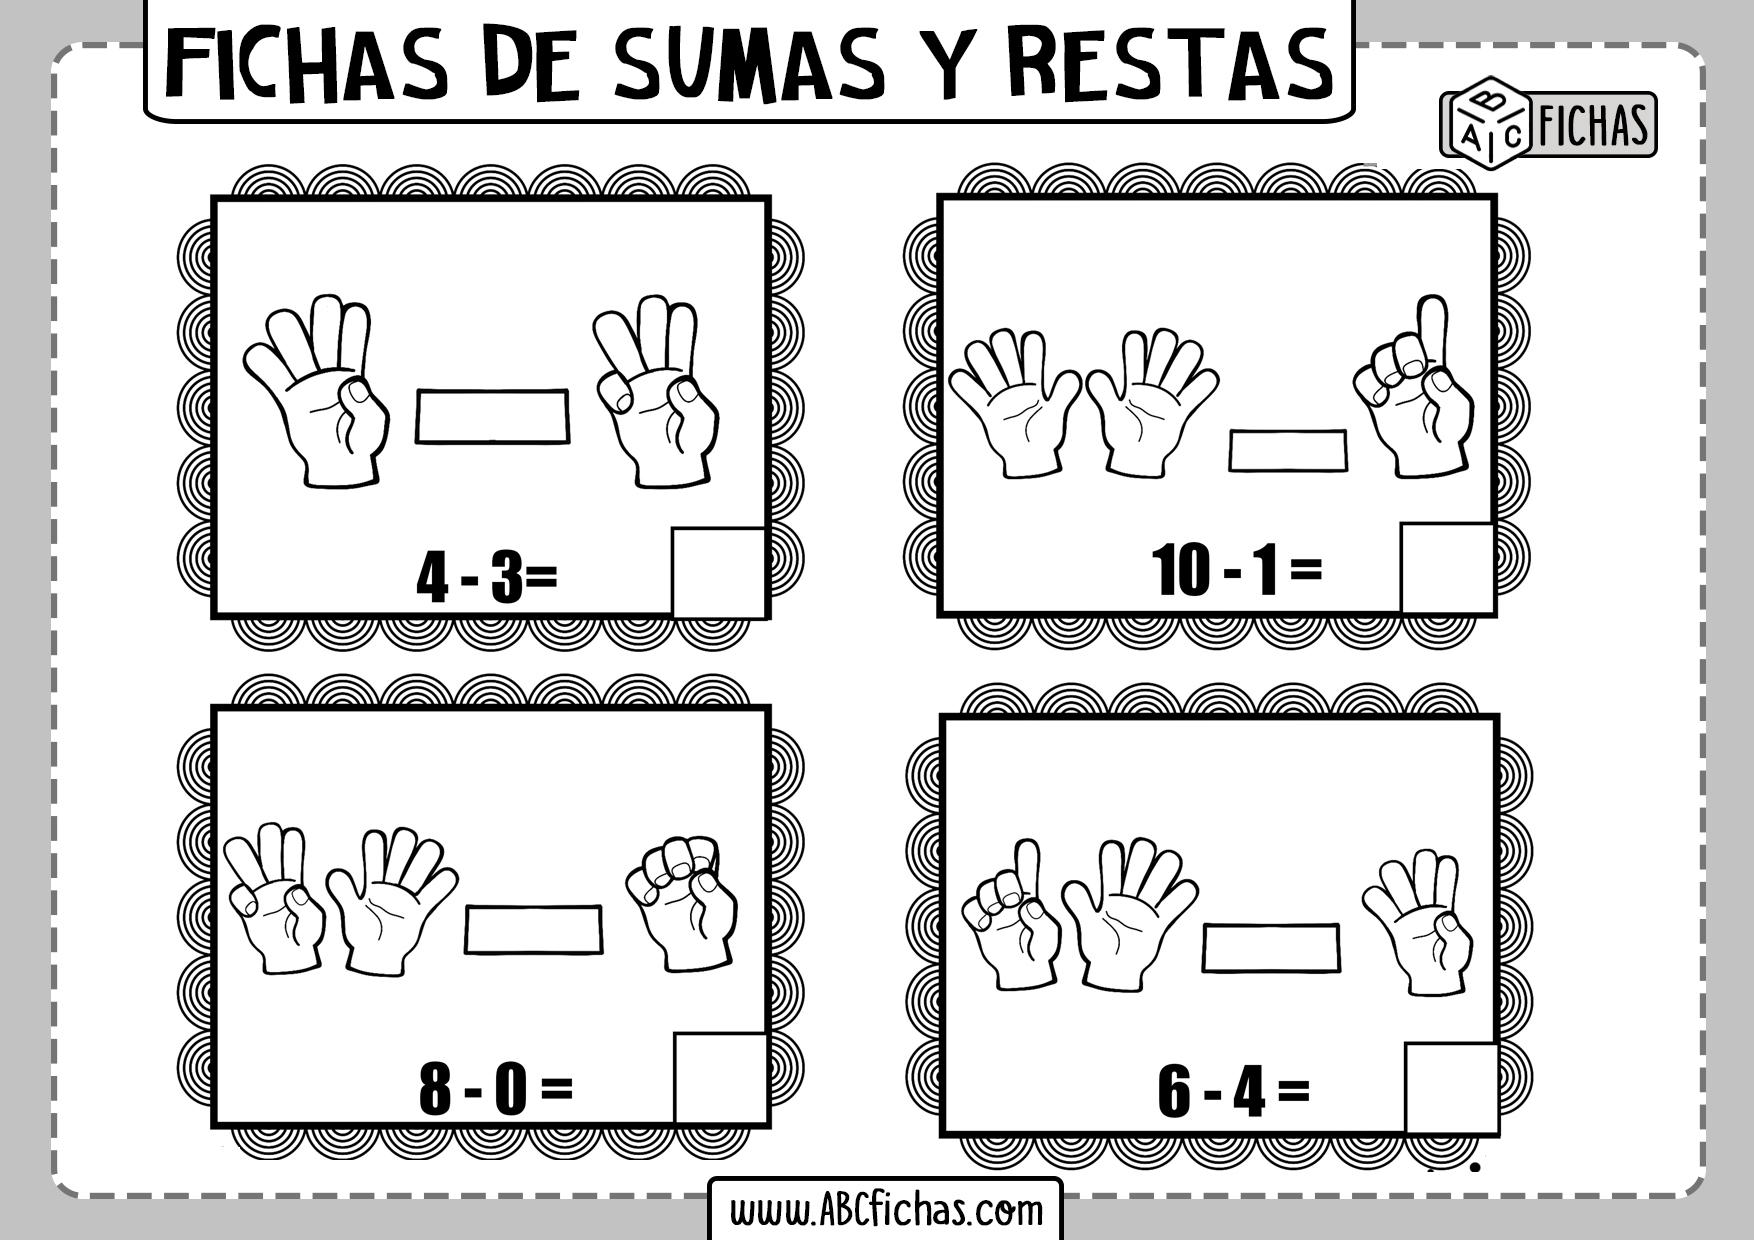 Fichas de sumas y restas con dedos